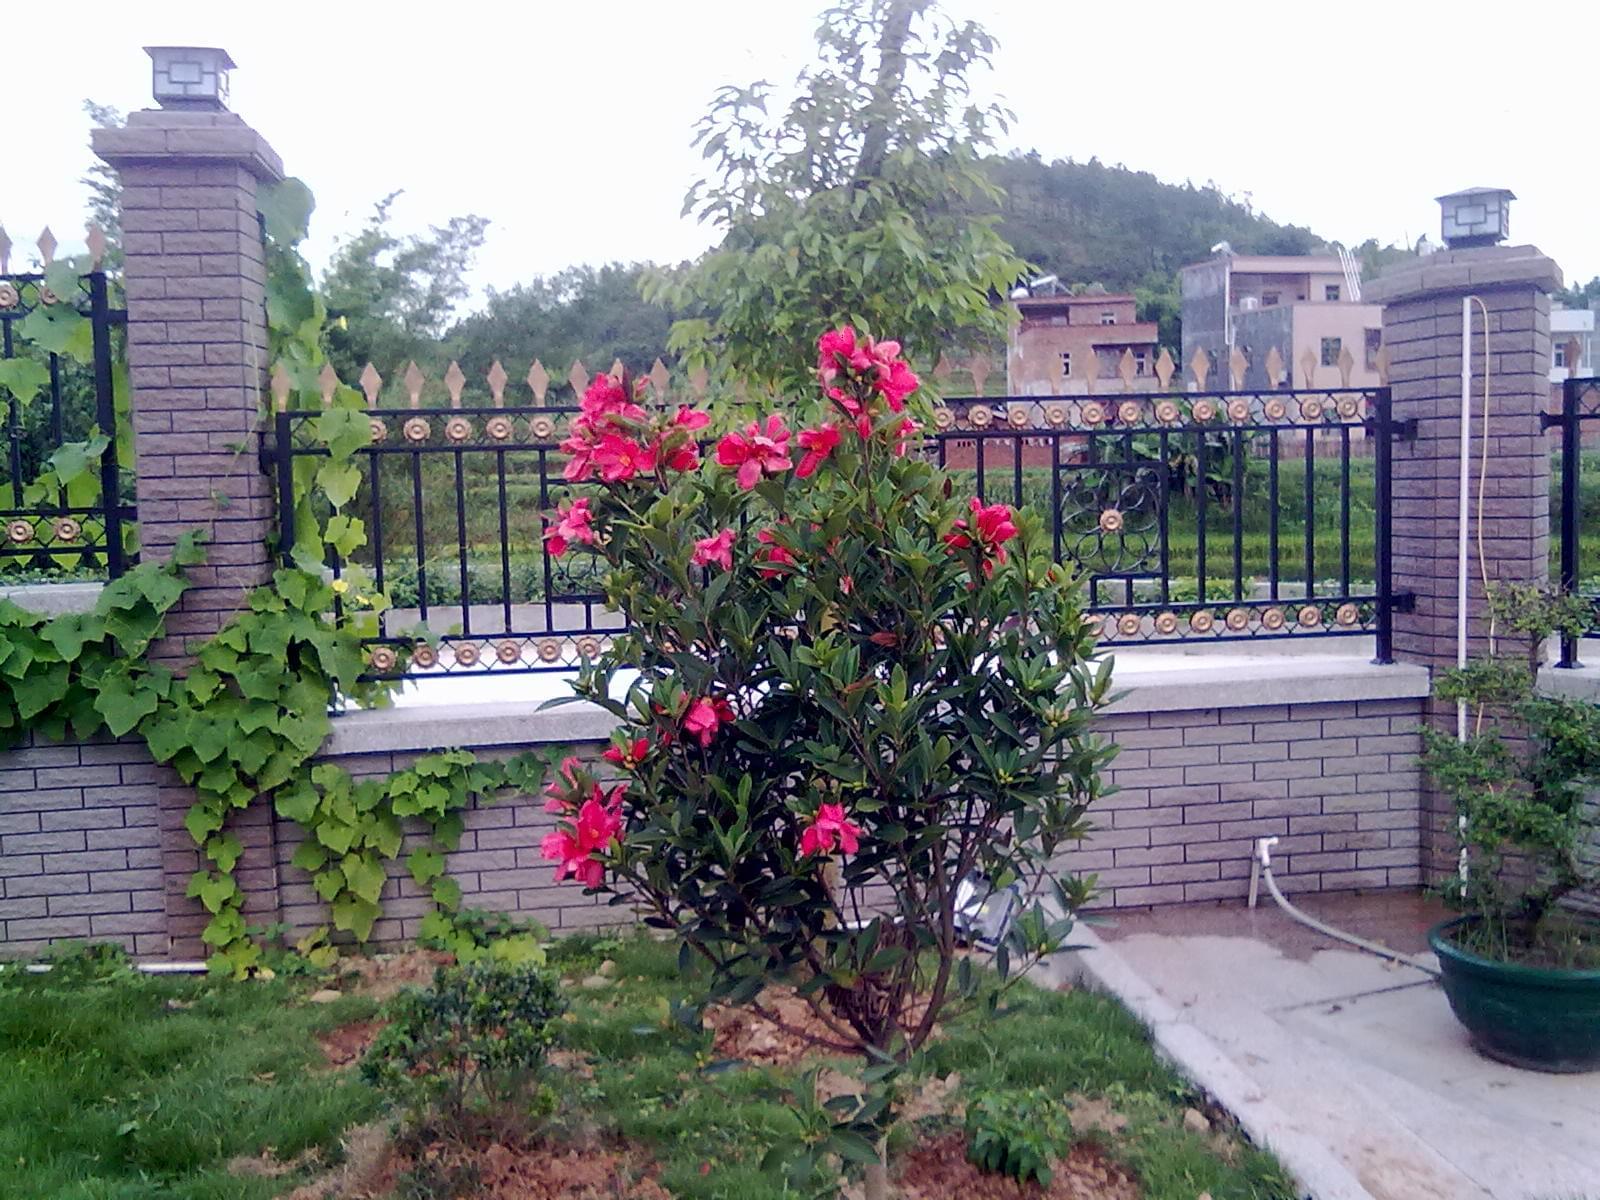 绿化-小庭院绿化设计精品/农村庭院绿化/农村小庭院绿化设计/农村庭院